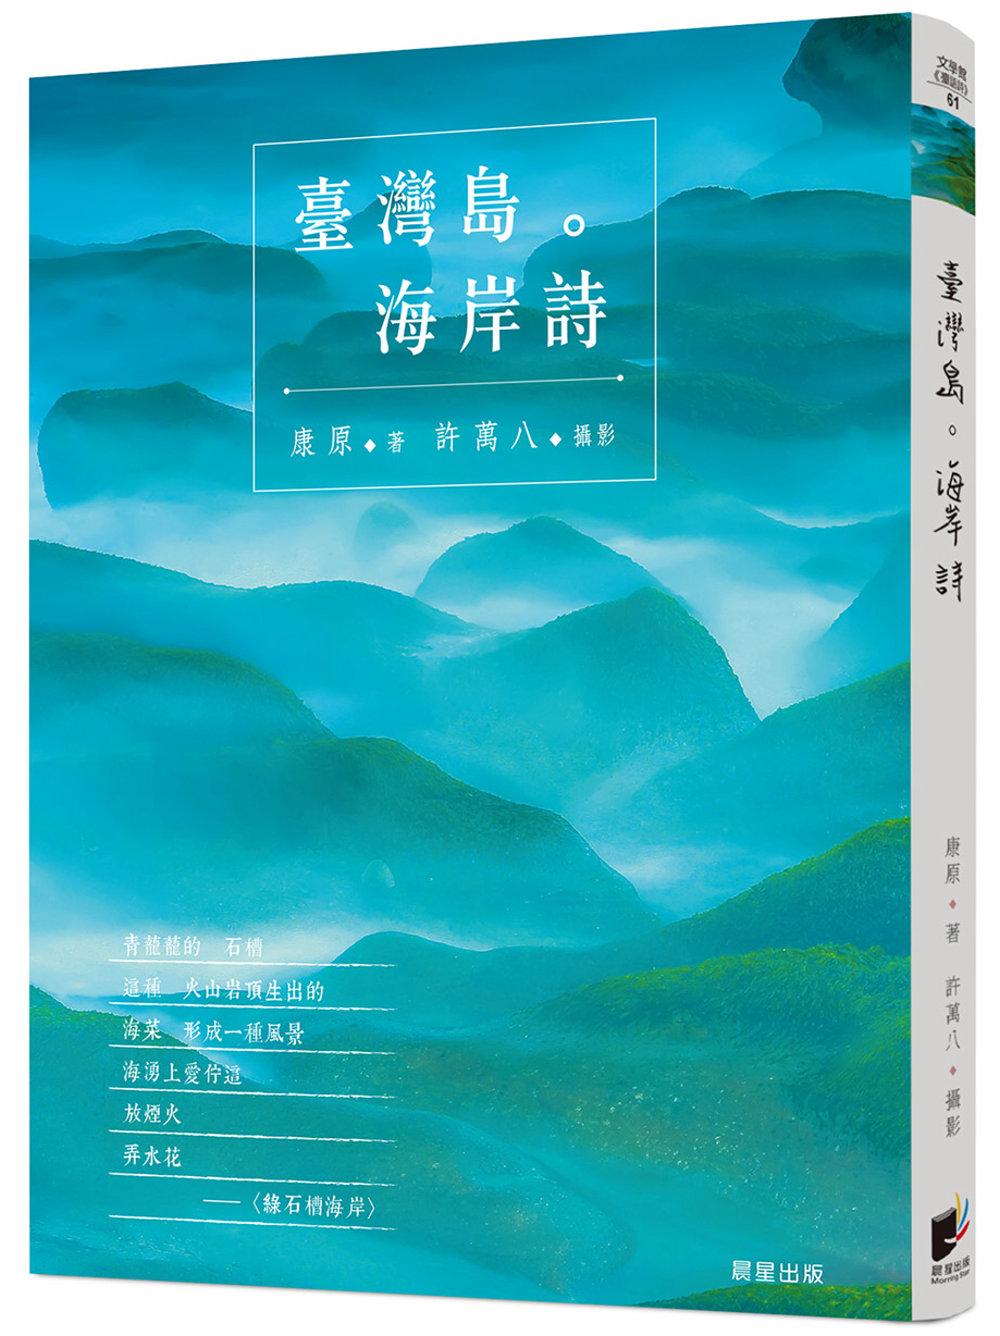 臺灣島。海岸詩